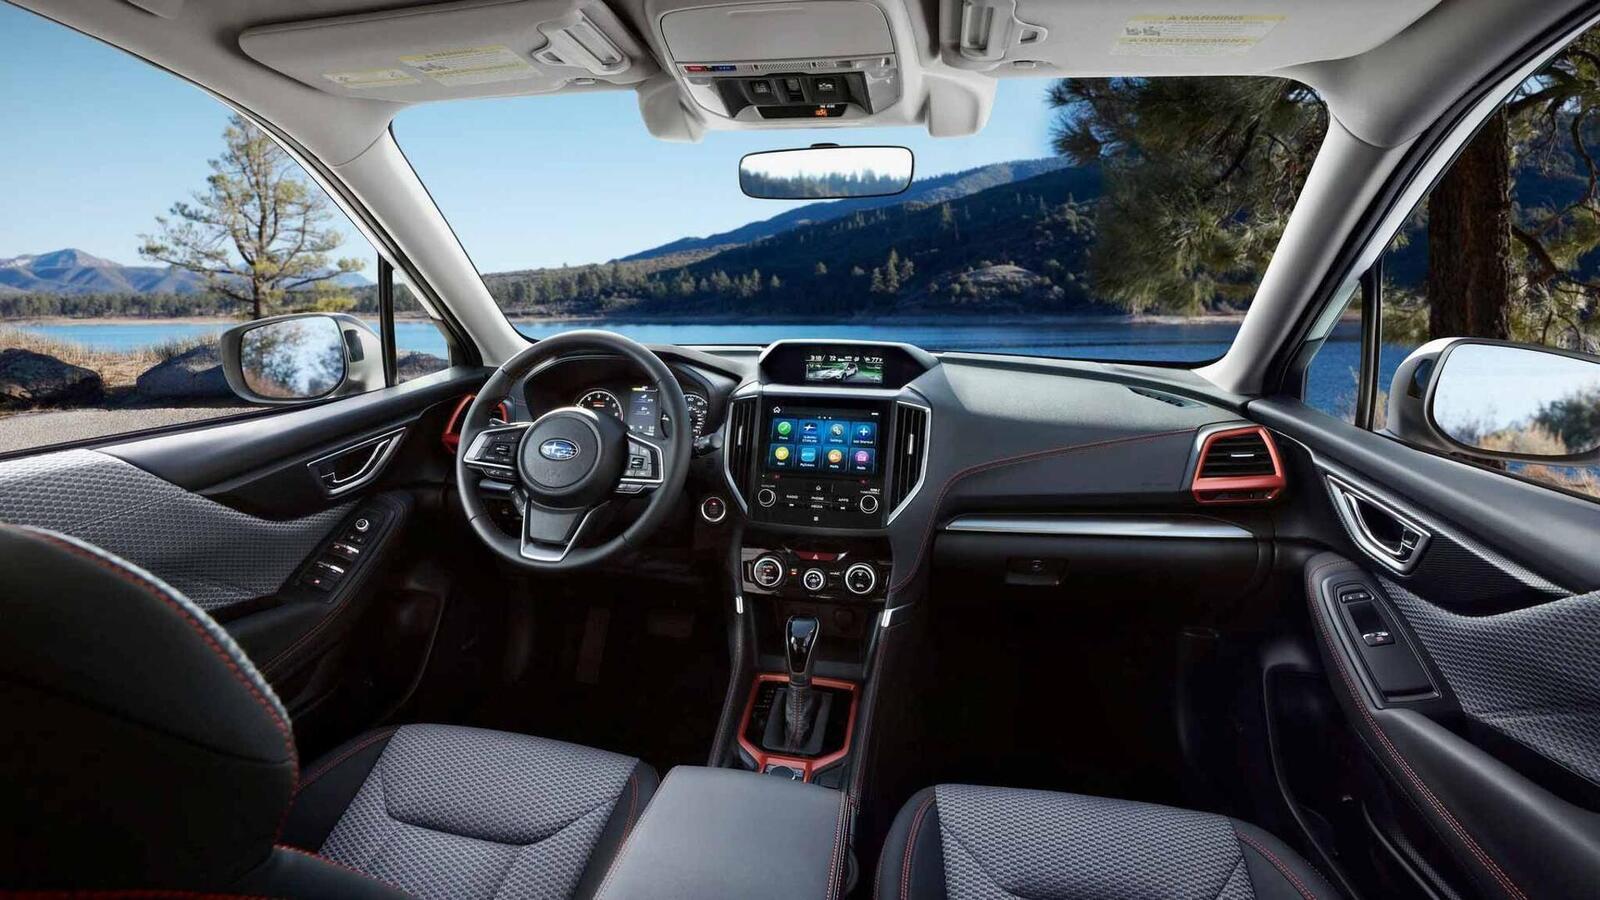 Subaru Forester 2019: Thay đổi nội ngoại thất, động cơ mạnh hơn, thêm nhiều phiên bản - Hình 3